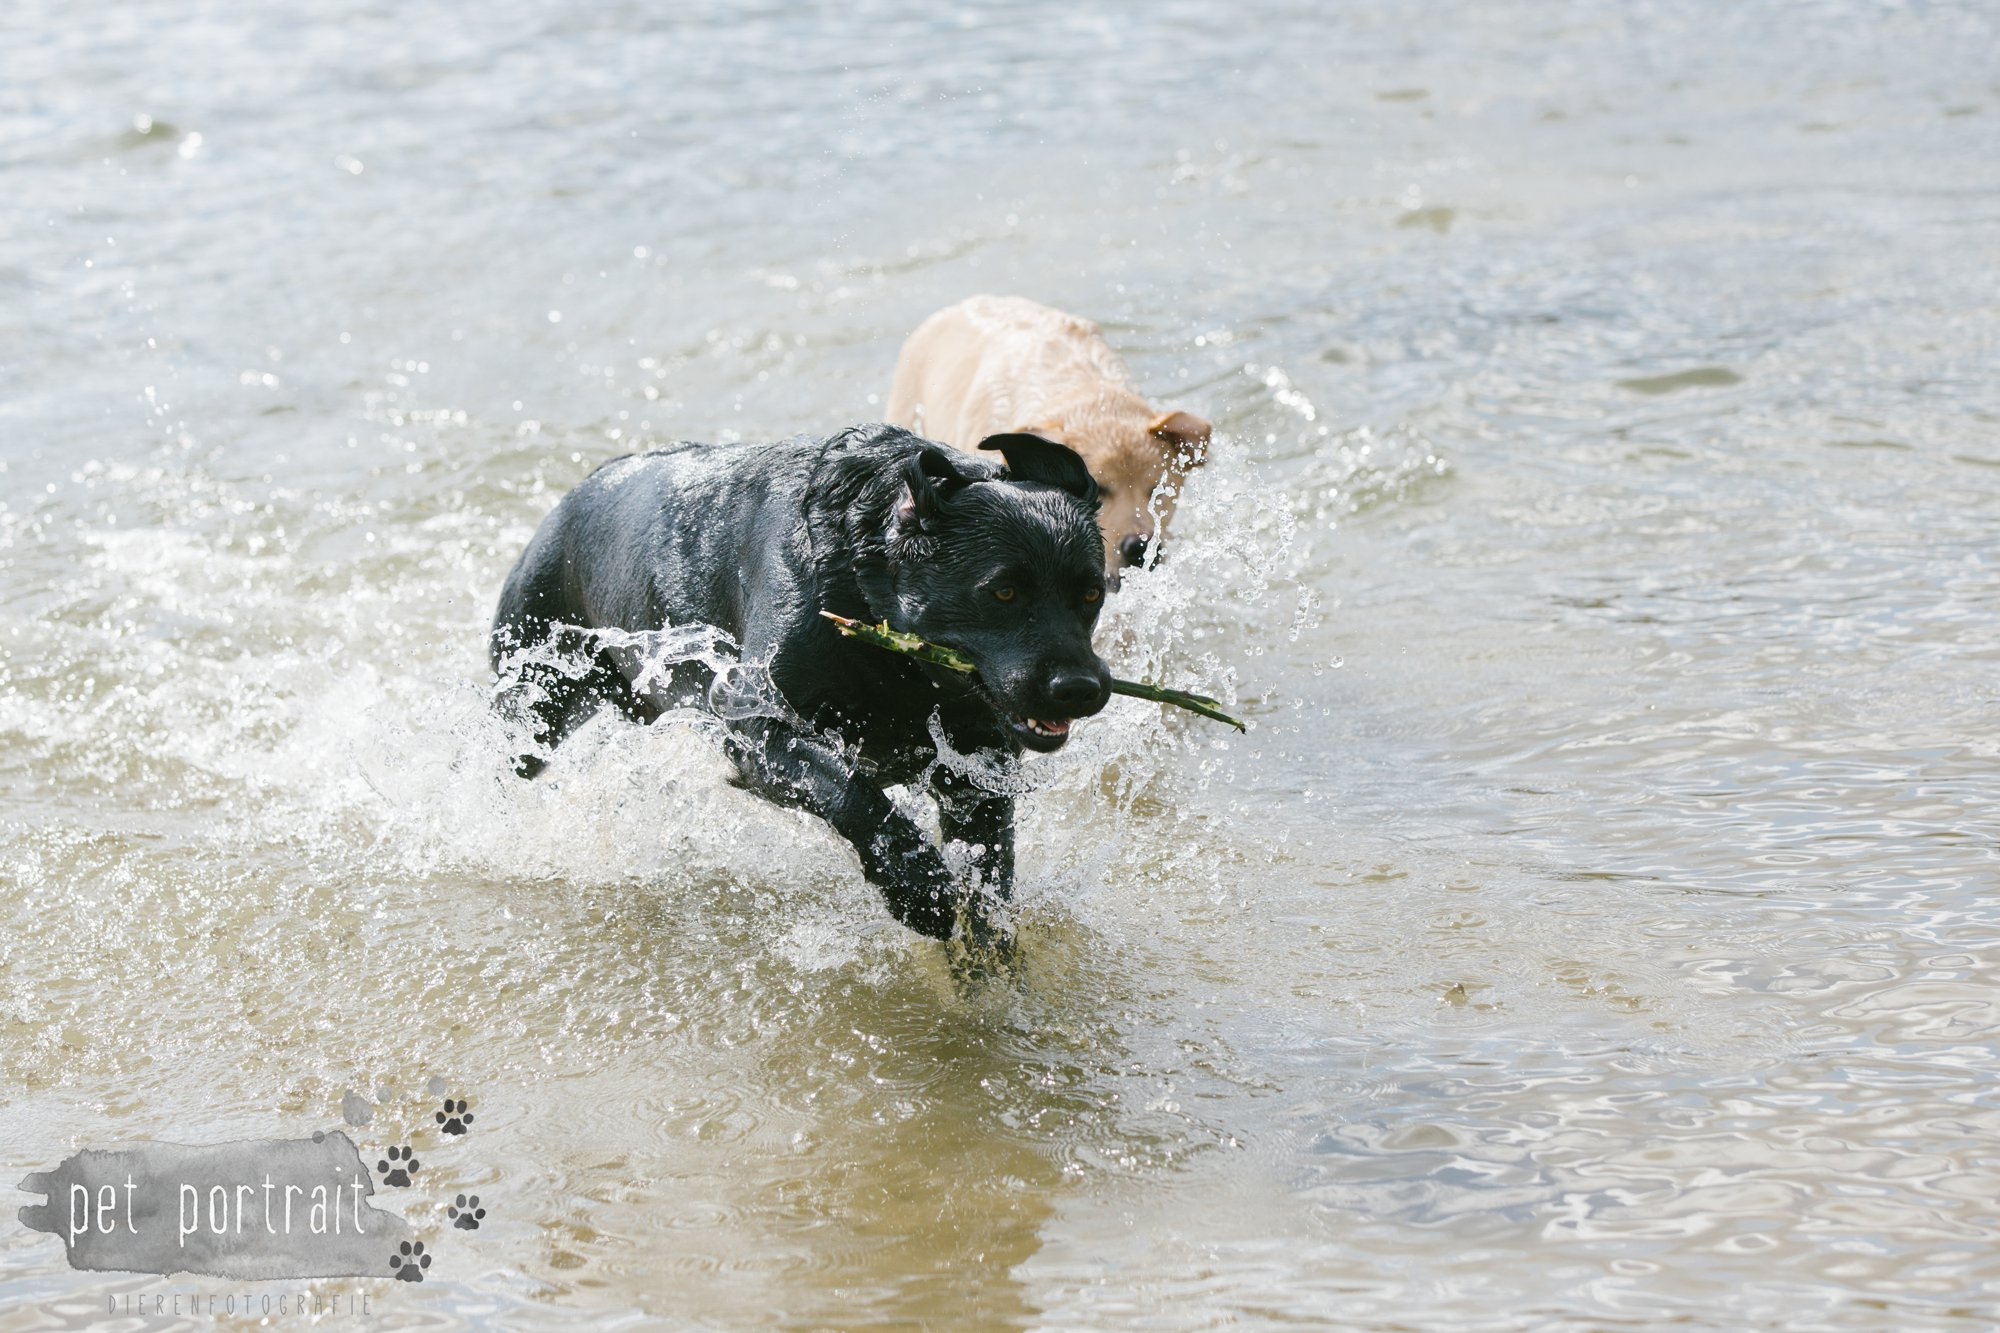 Hondenfotograaf Pet Portrait - Clubdag LKN - Waterpret met het nestje van Juno